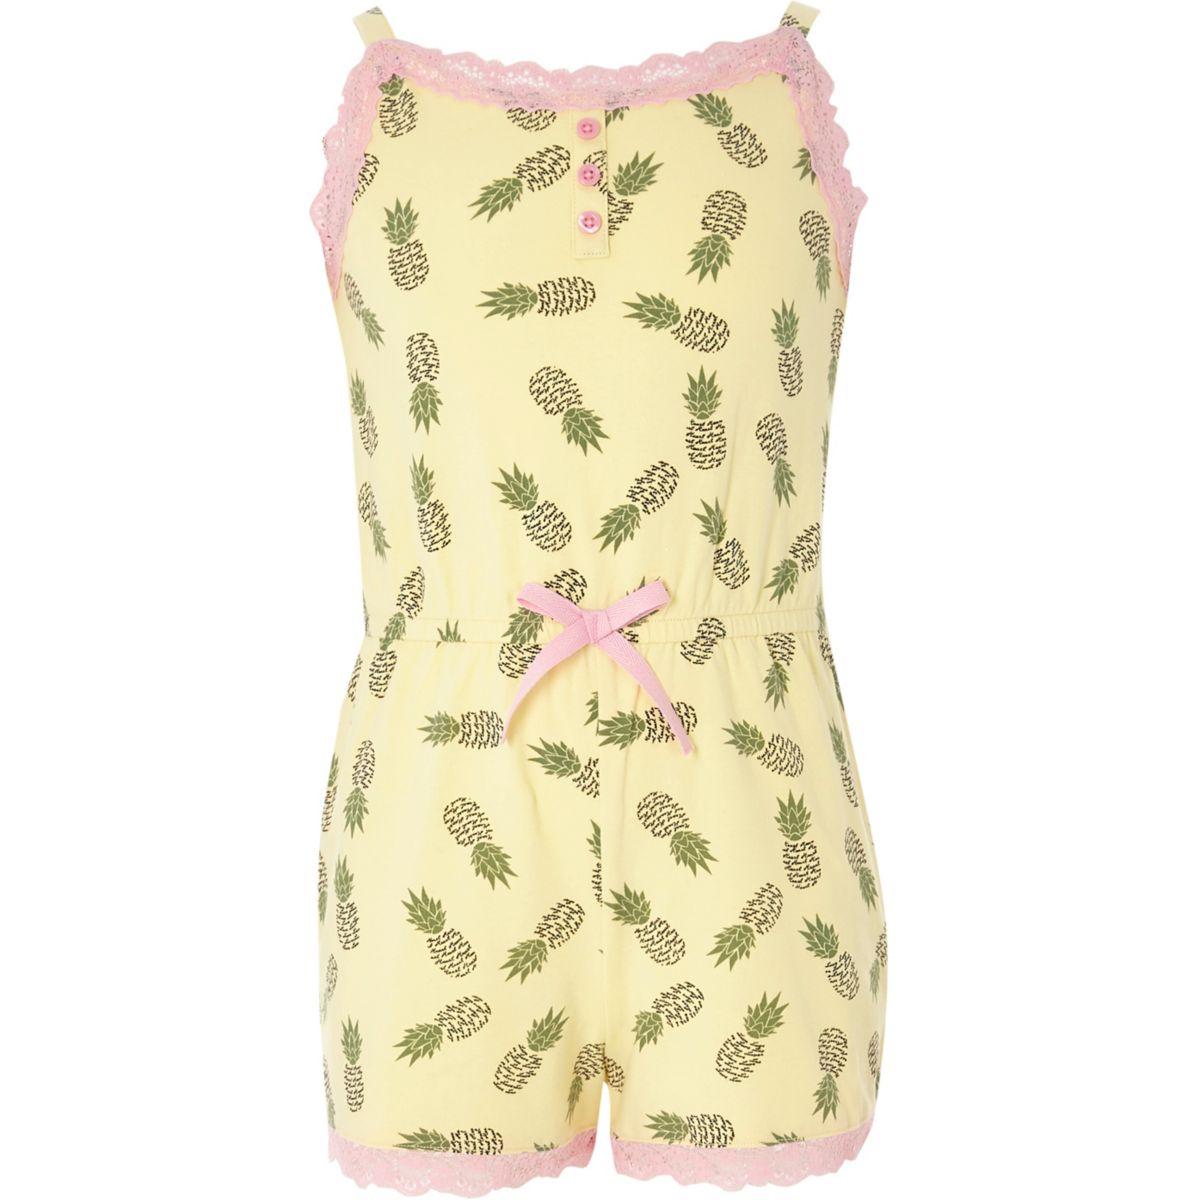 Girls yellow pineapple cami pajama romper